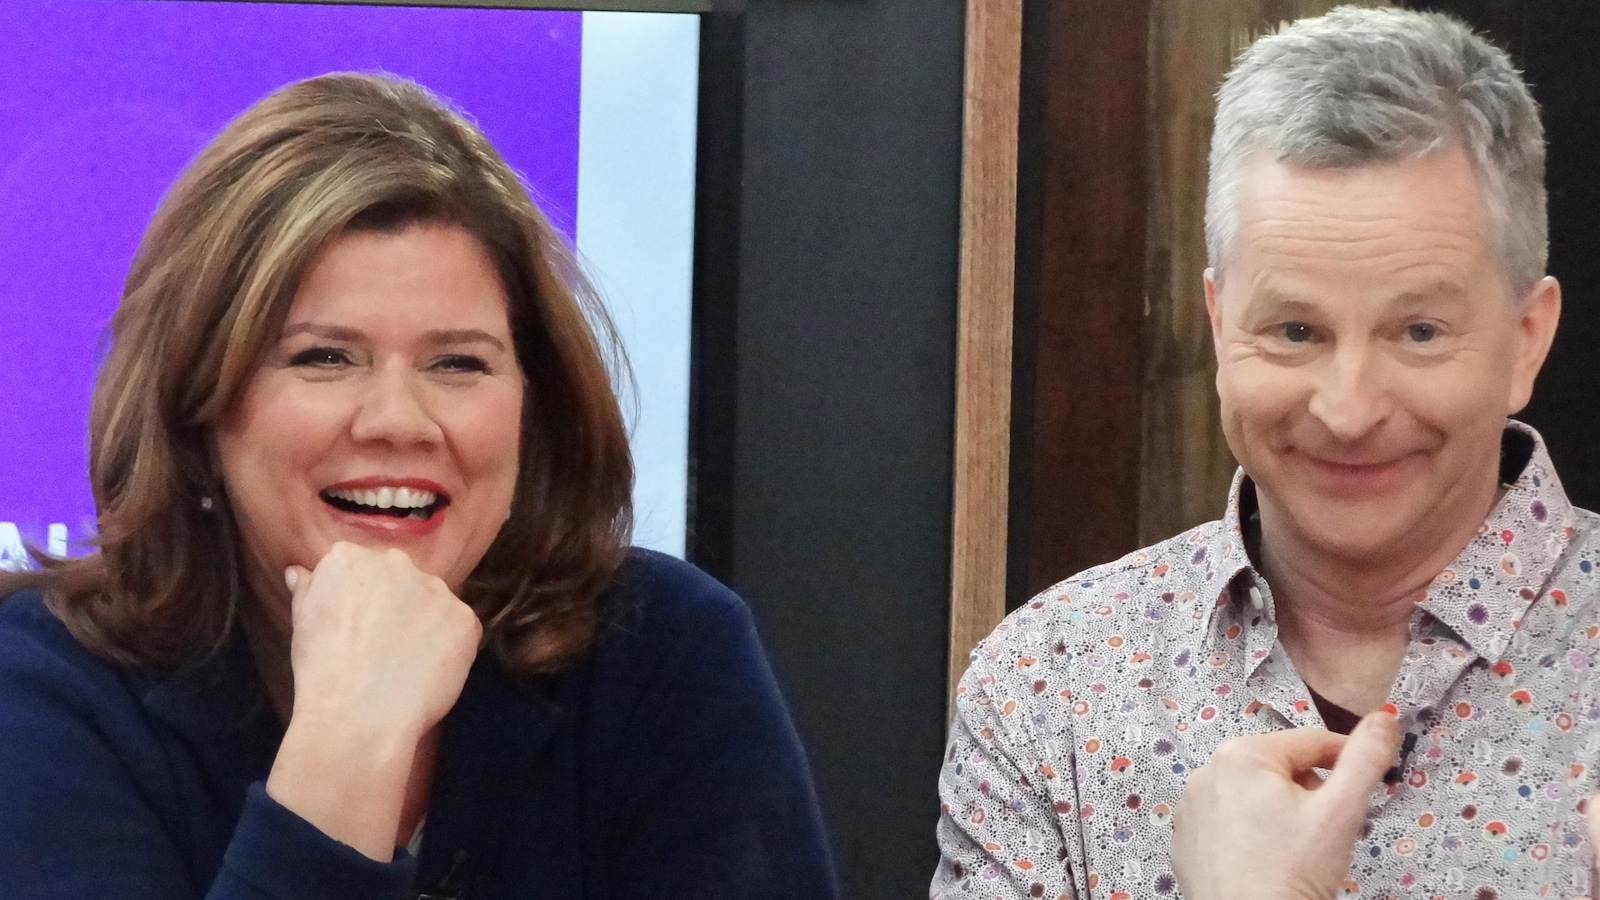 Les deux invités sourient.